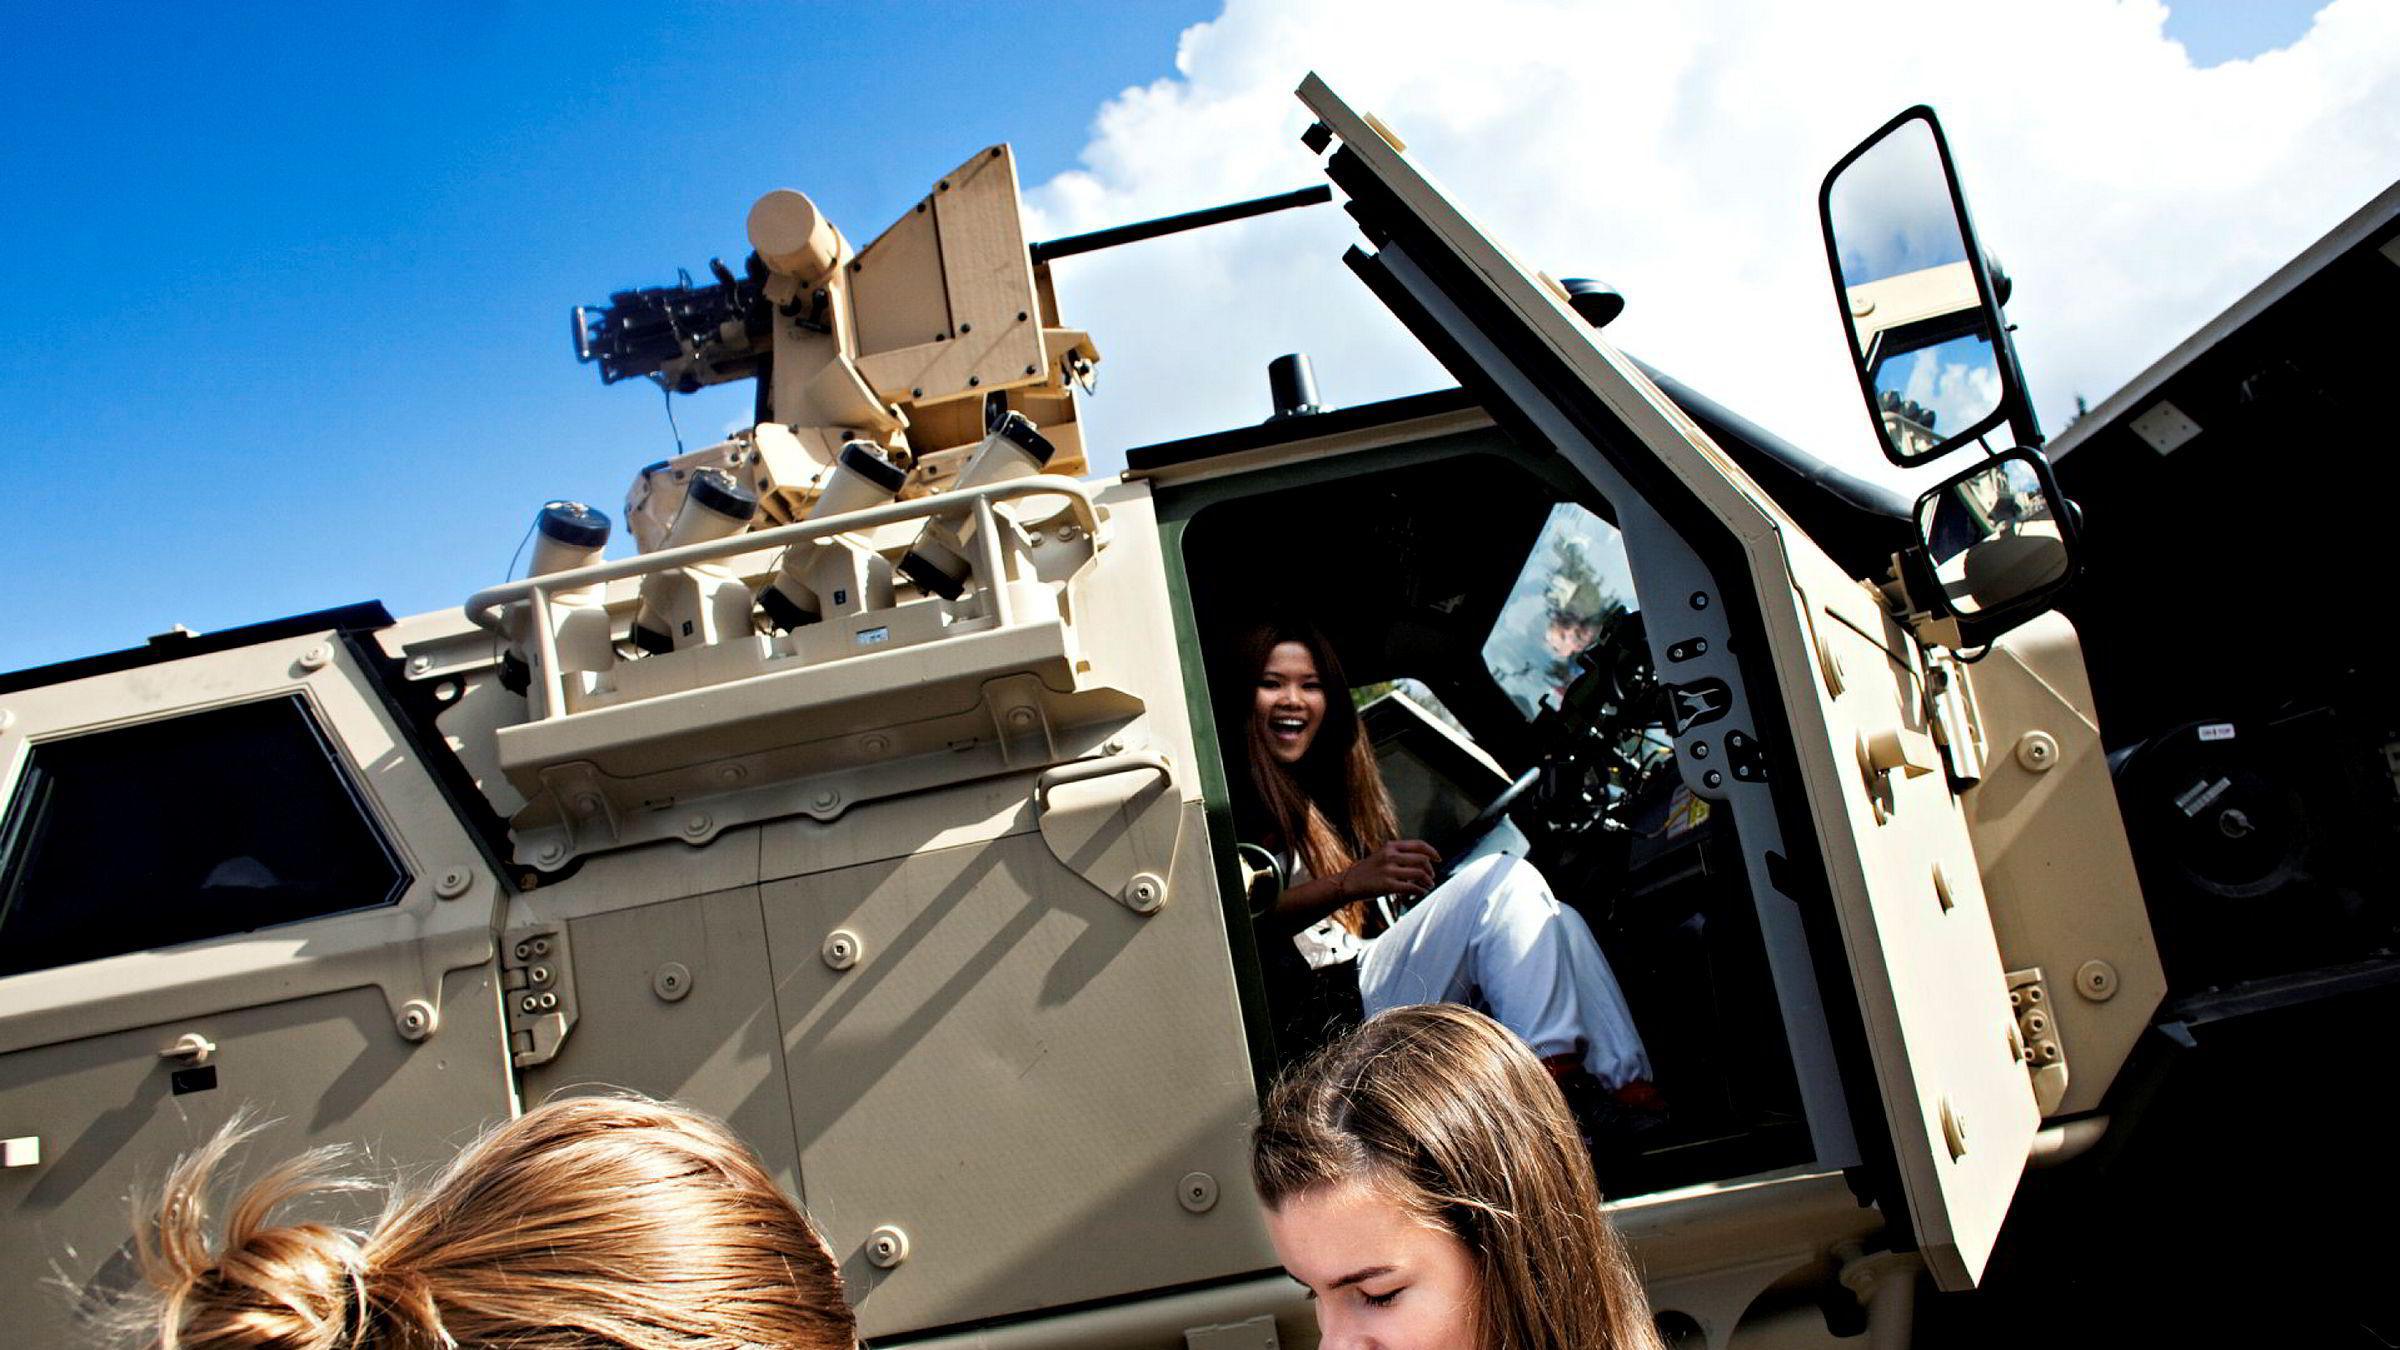 Arbeidet med å få flere kvinner i Forsvaret er ikke godt nok, skriver Berit Svendsen. Her er elever fra videregående skole på aktivitetsdag på Sessvollmoen i 2011.